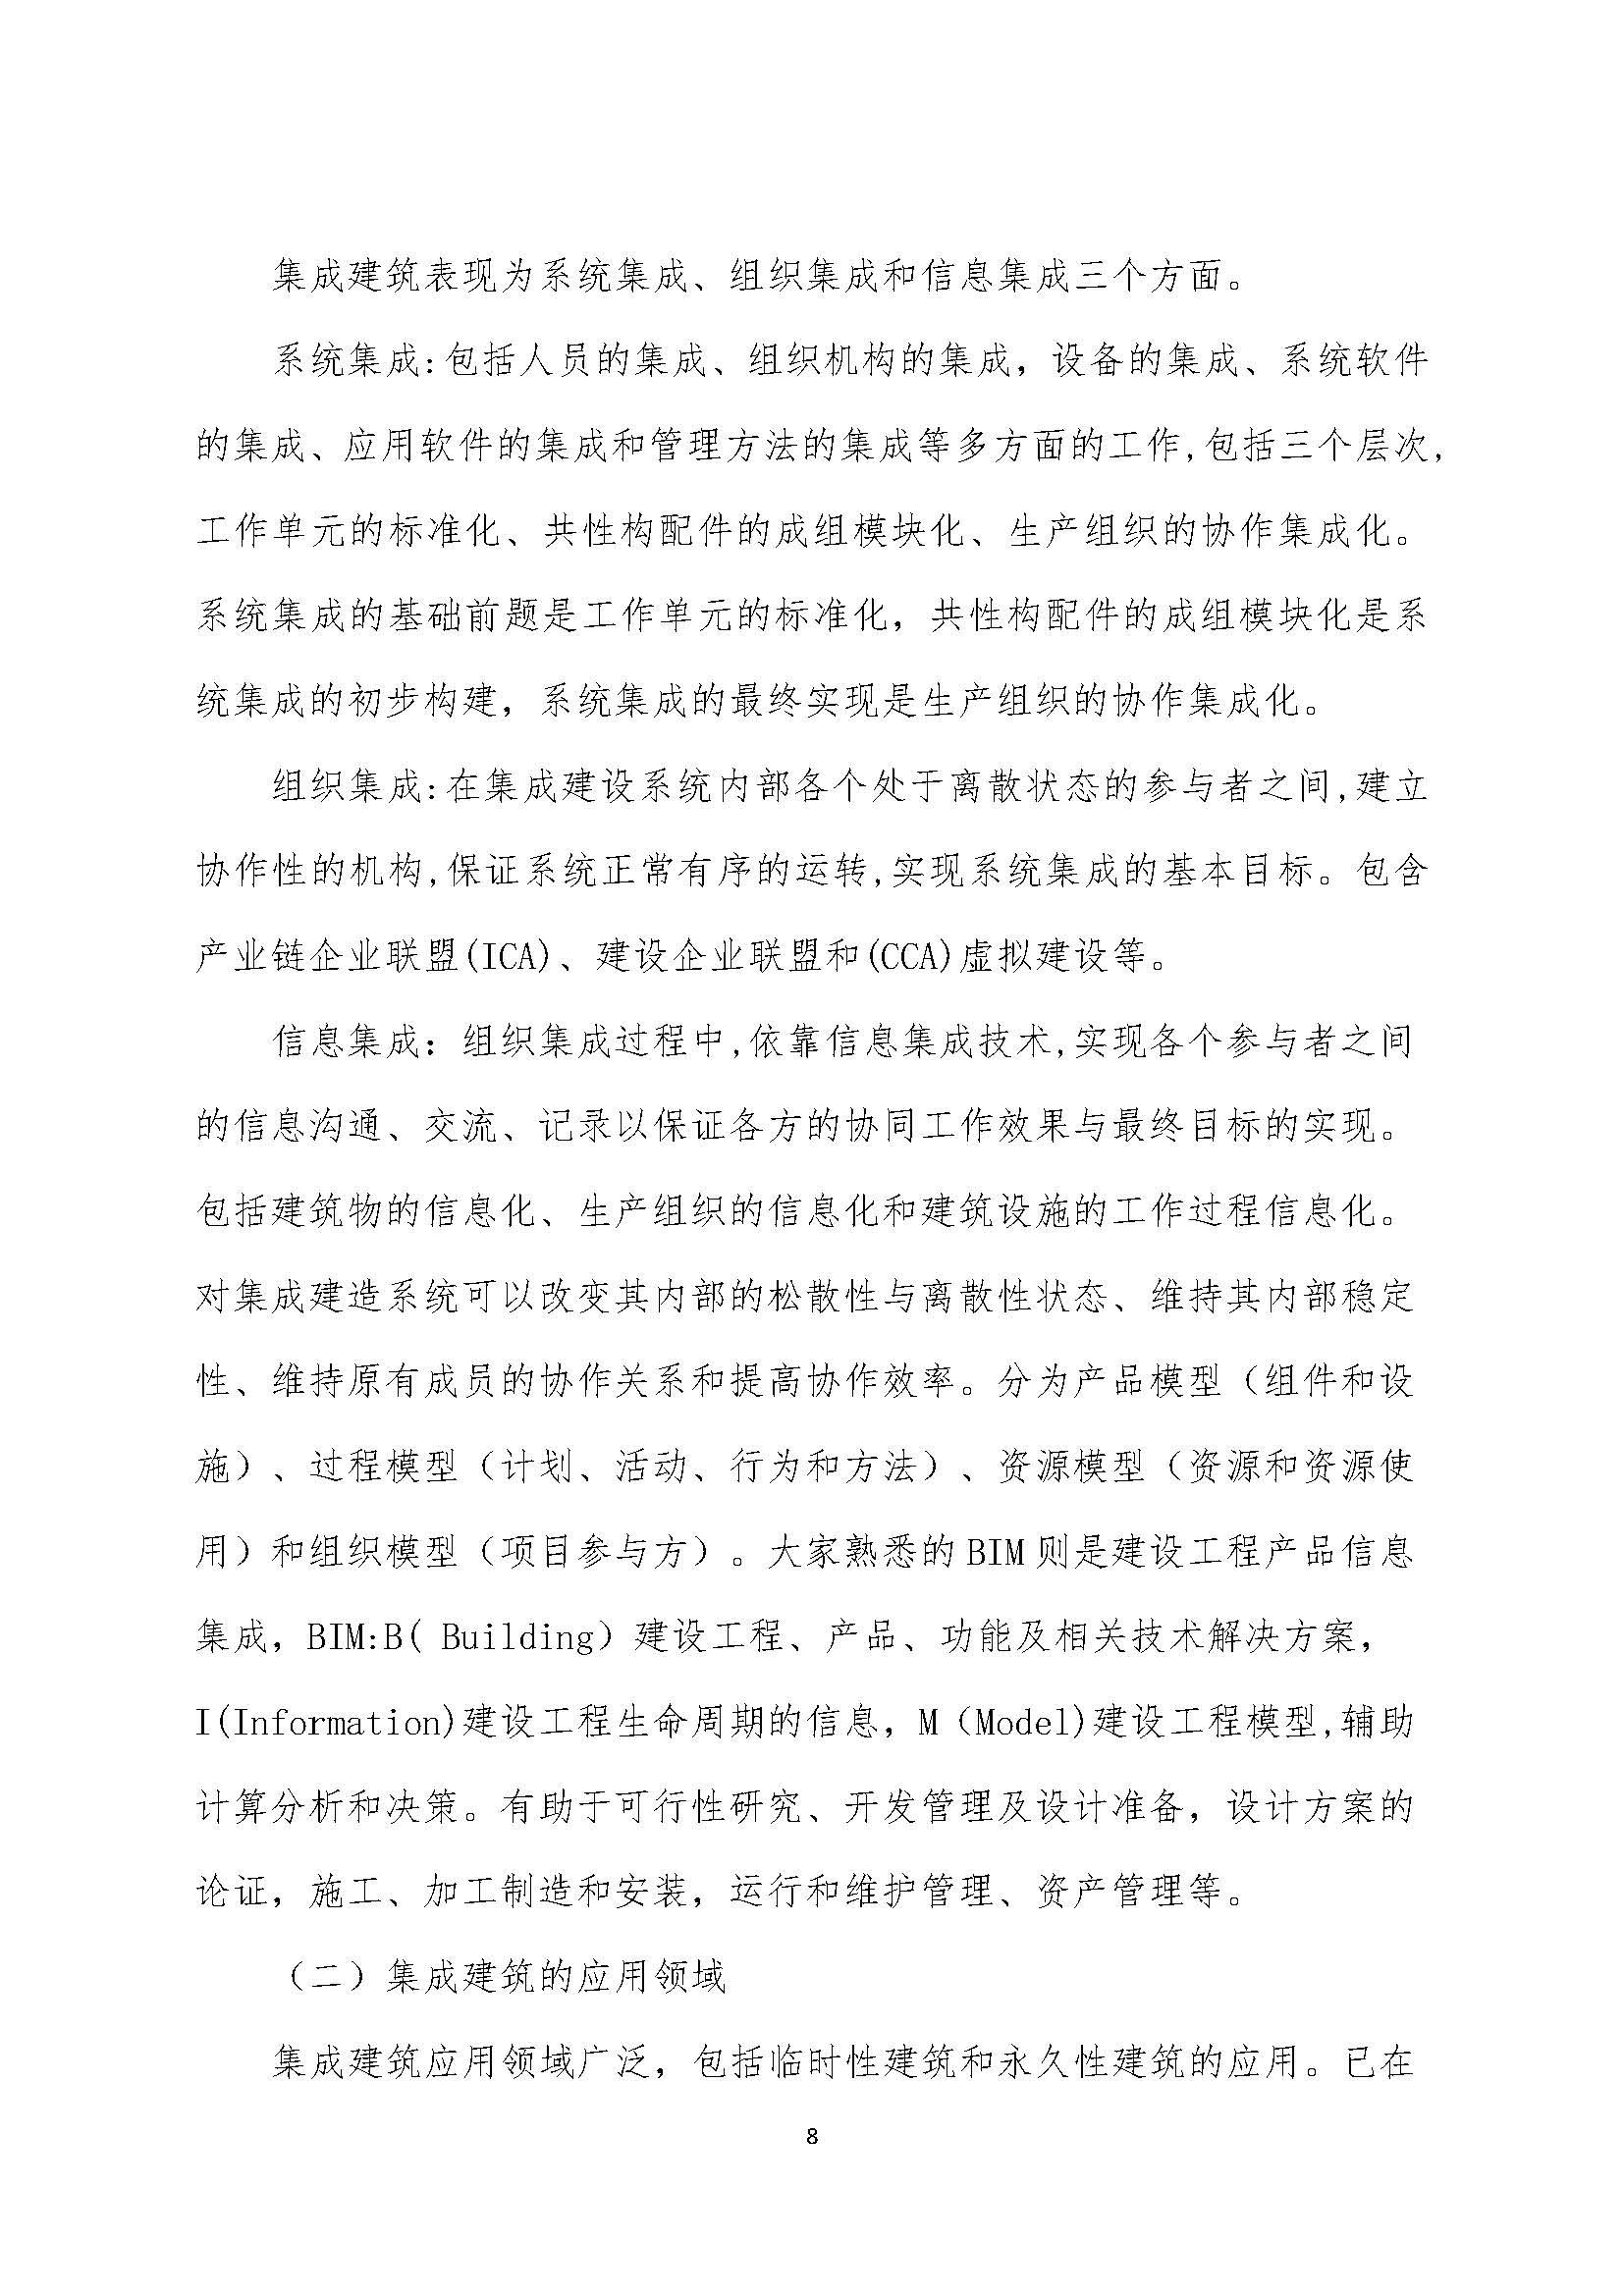 新闻-集成建筑系统构建在国家应急管理体系建设中的应用研究-02172_页面_08